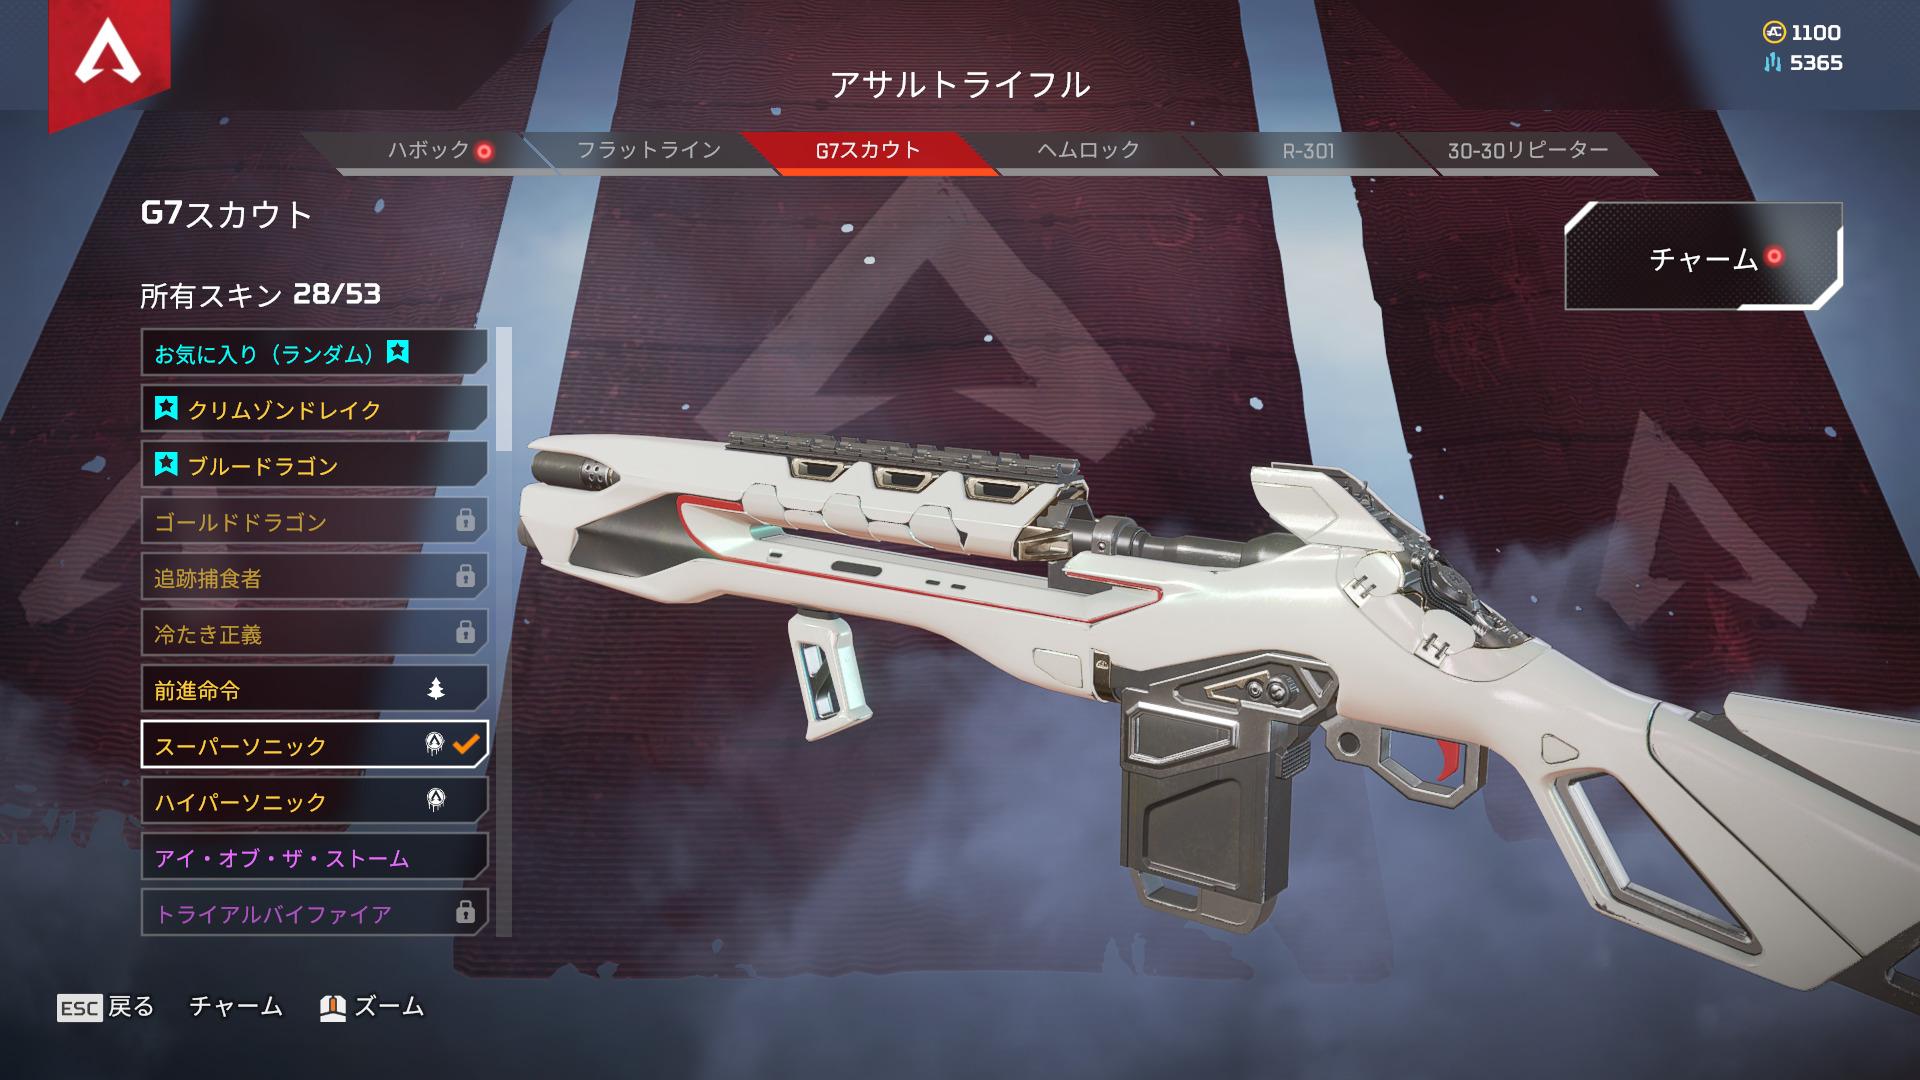 【APEX】G7スカウト「スーパーソニック」はスキン製作者の『車』が元のモデルになっている